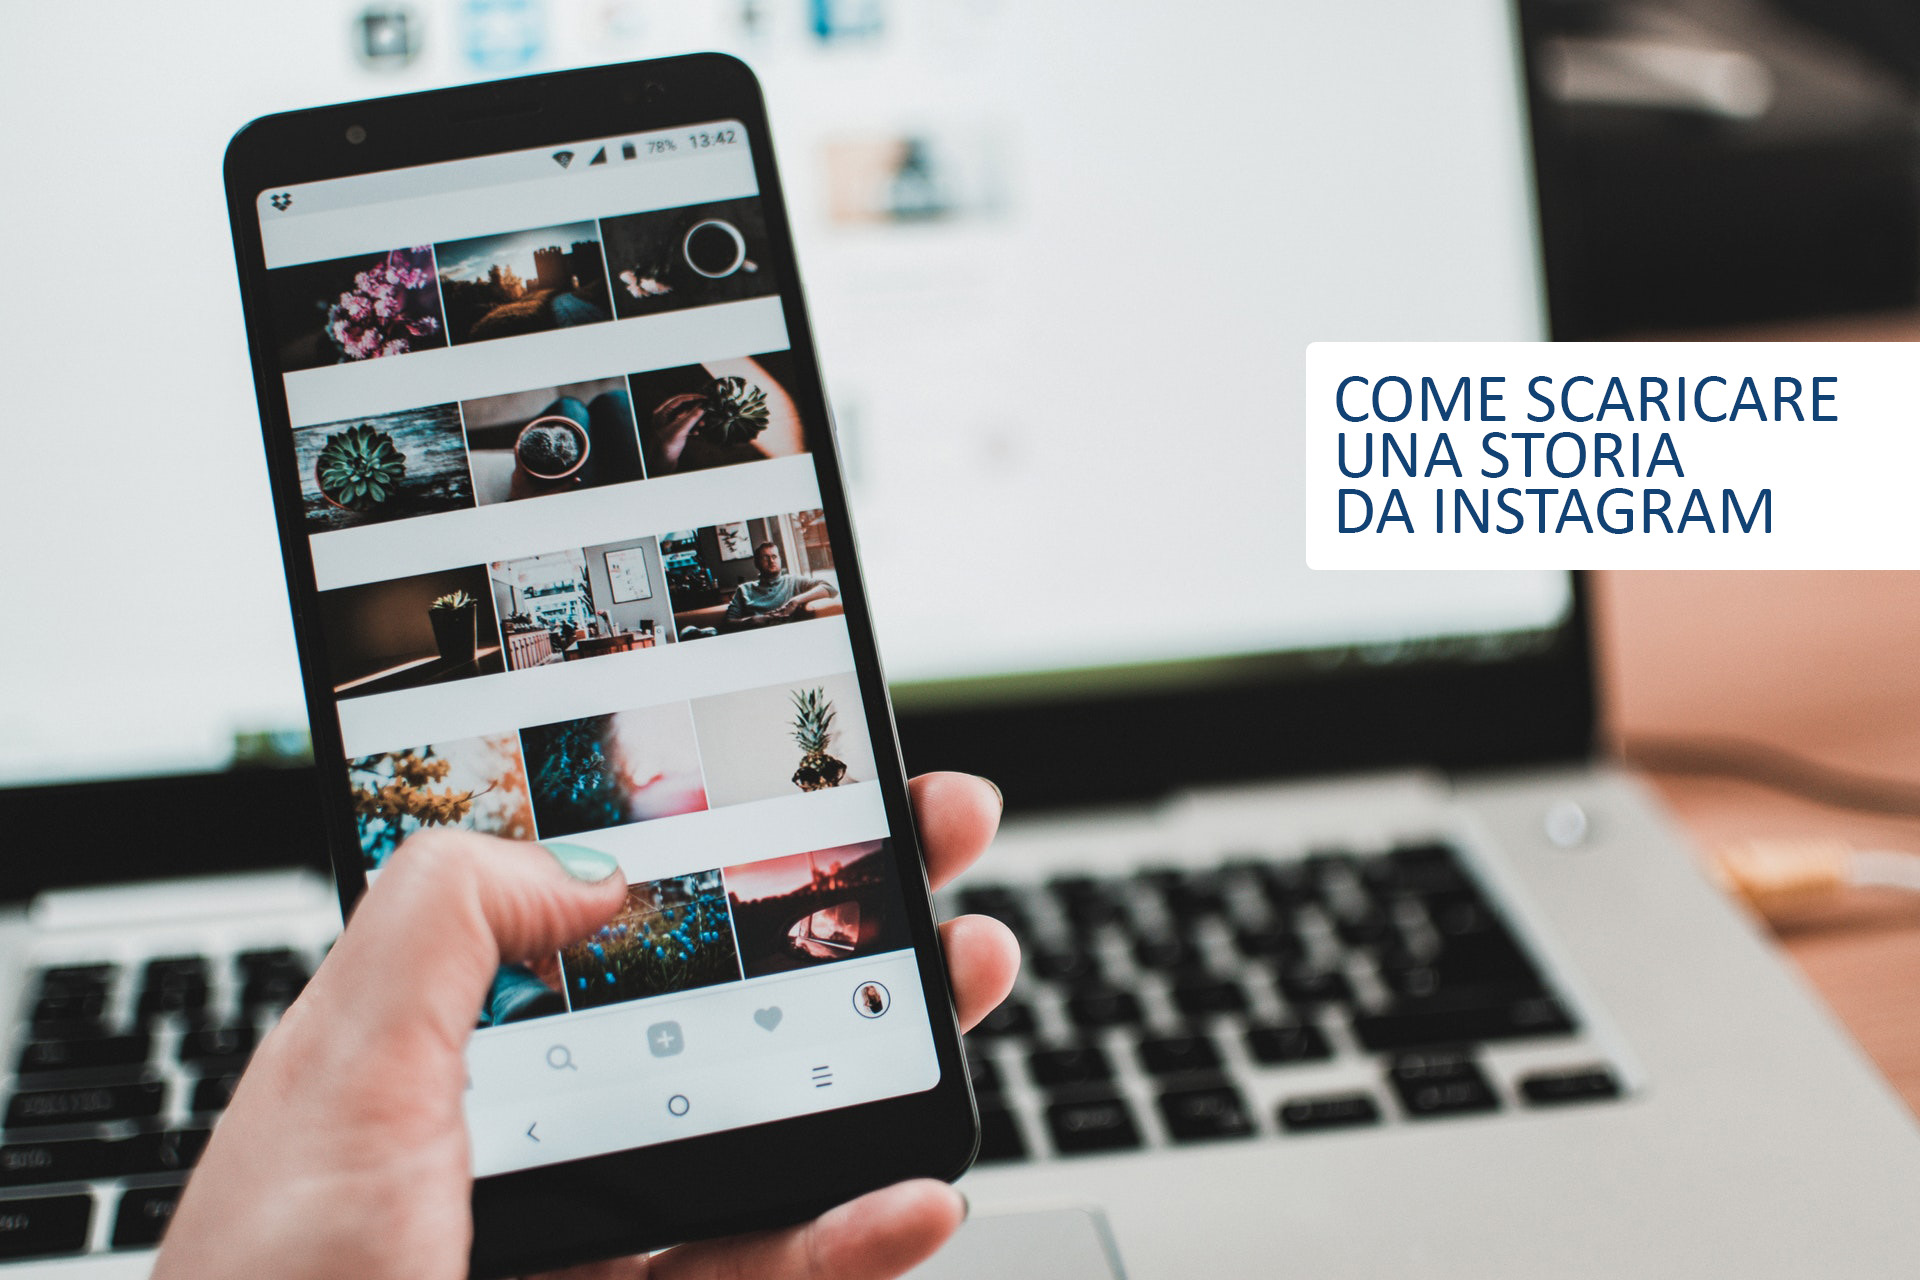 Come scaricare una storia da Instagram